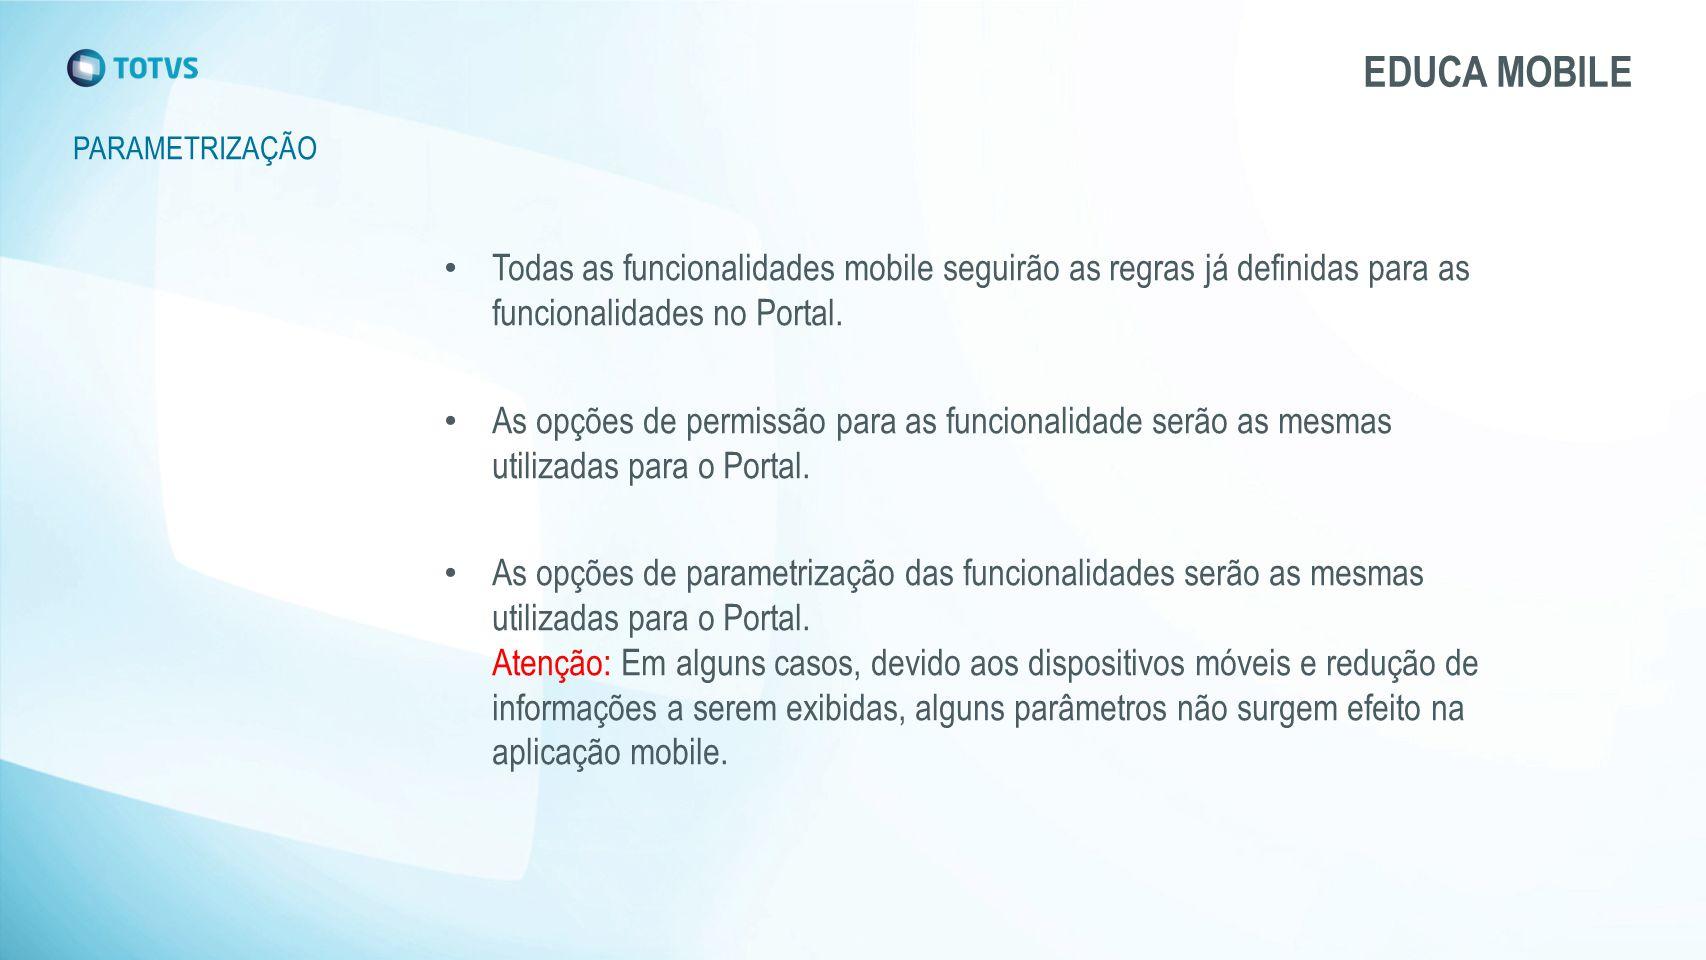 PARAMETRIZAÇÃO EDUCA MOBILE Todas as funcionalidades mobile seguirão as regras já definidas para as funcionalidades no Portal. As opções de permissão